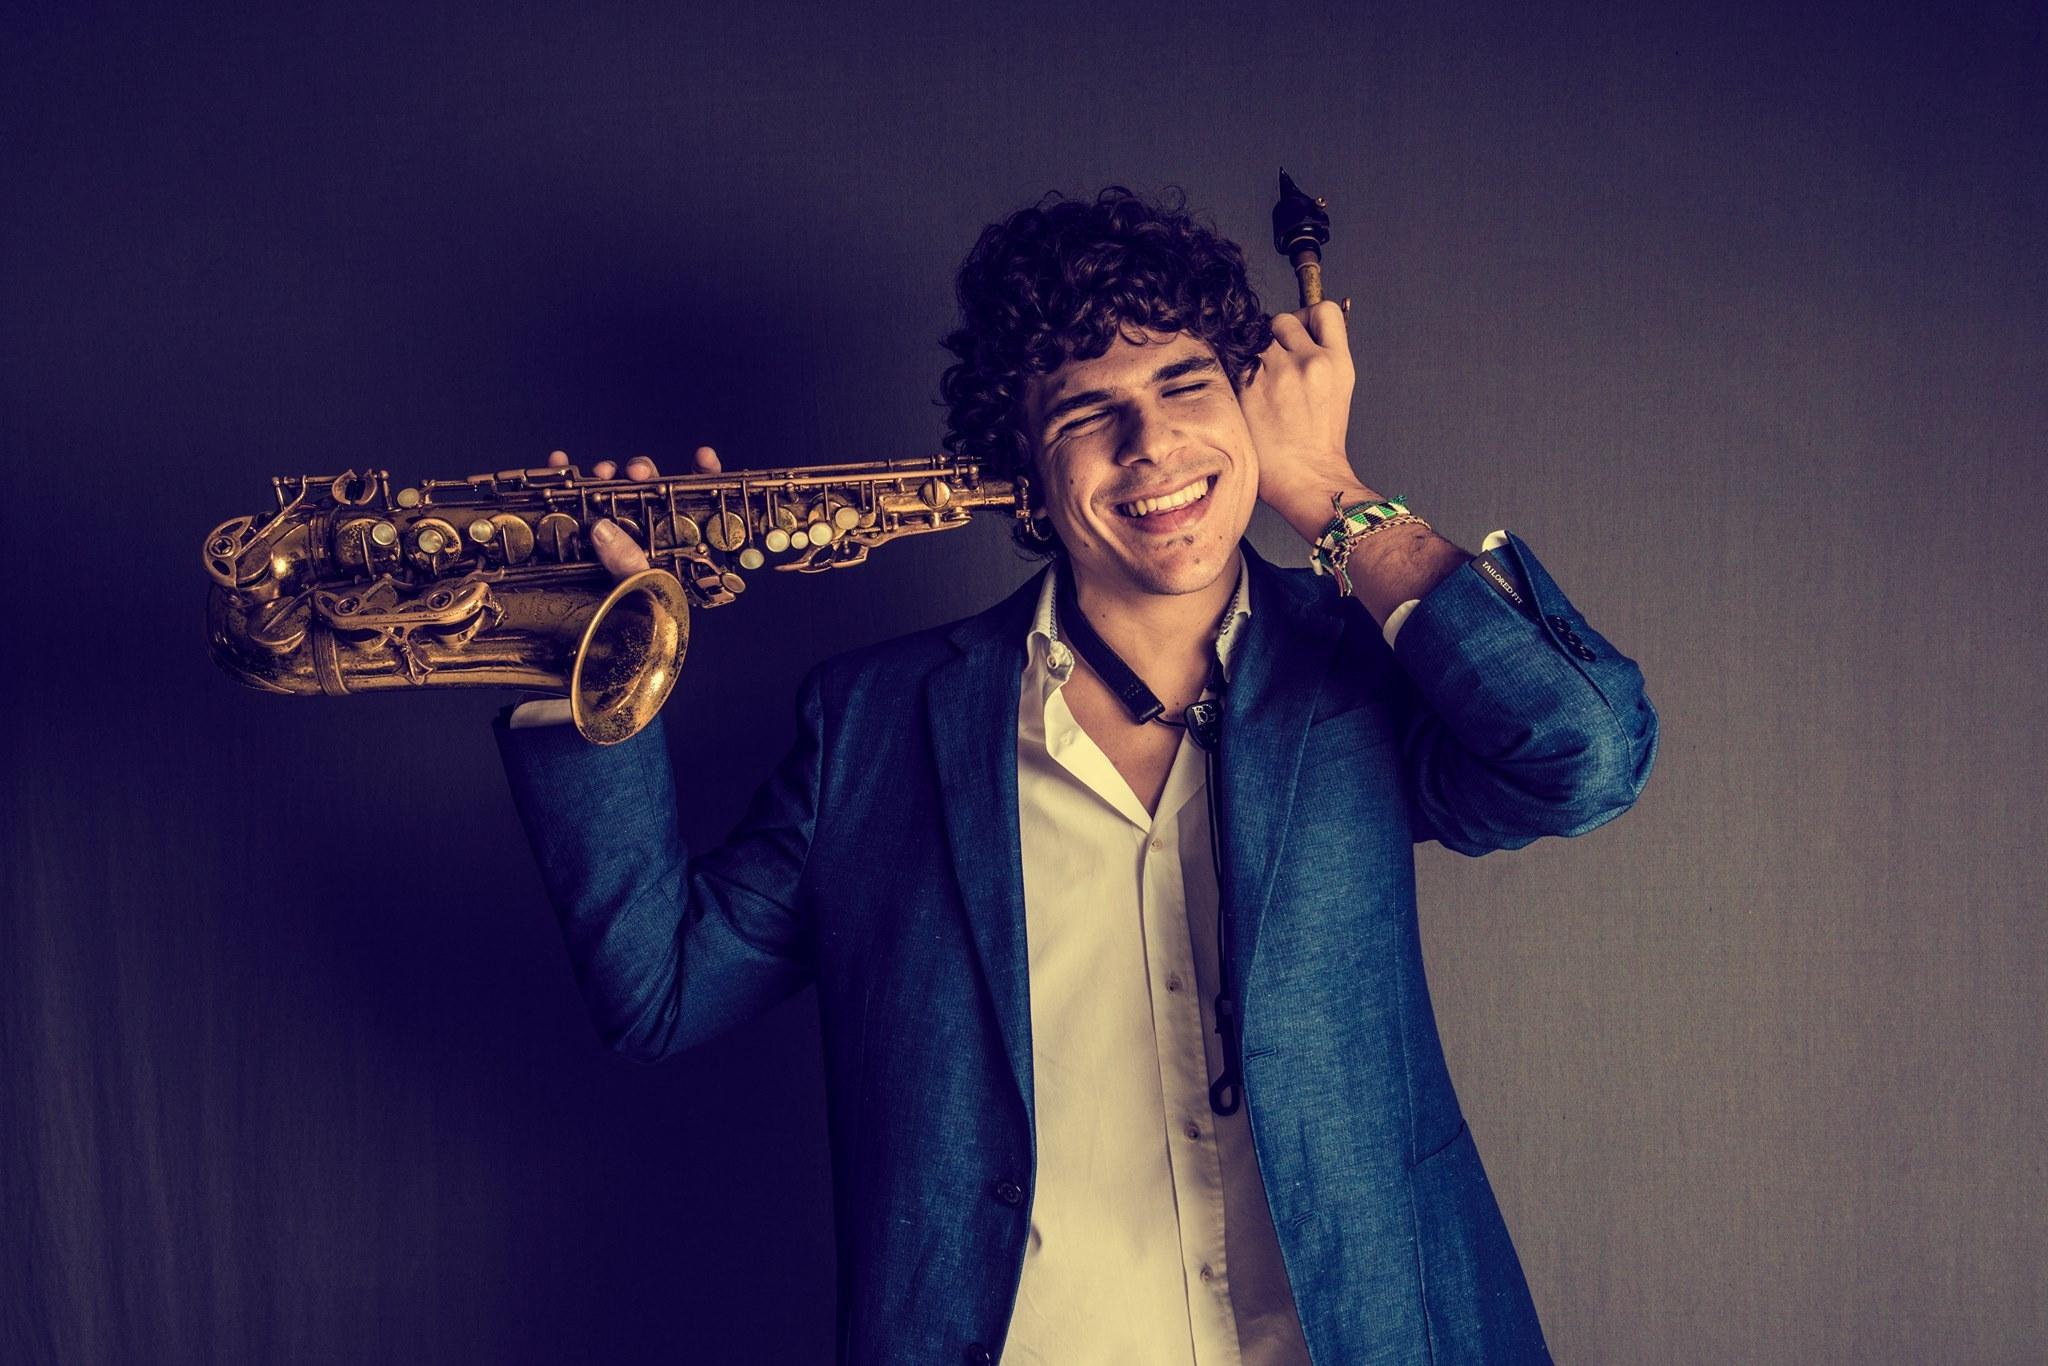 Antonio Lizana, saxofonista, cantaor y compositor, actúa esta noche en el Badejazz